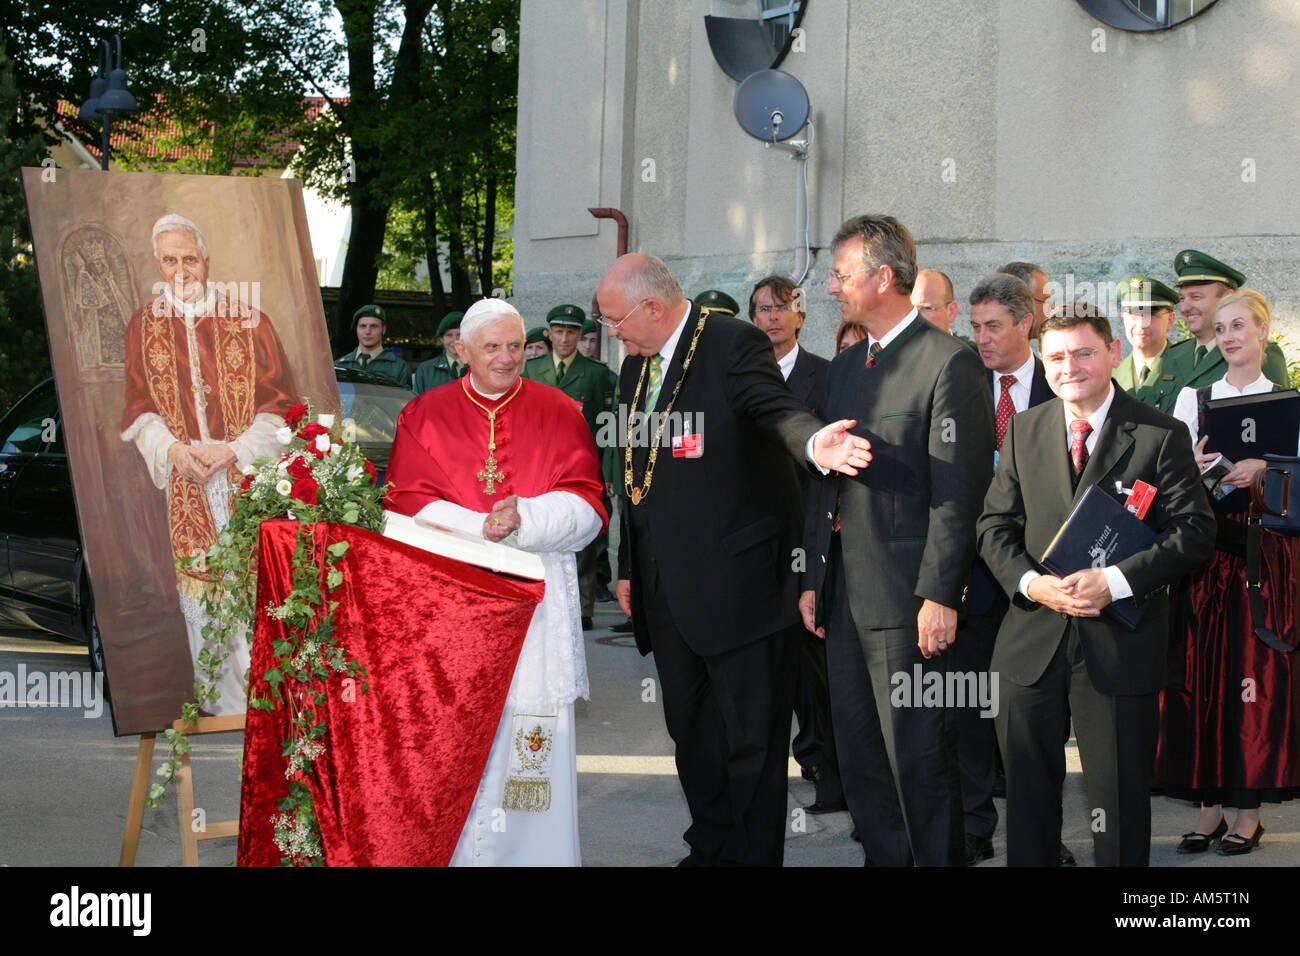 Le pape Benedikt XVI. afficher son portrait , Altoetting, Haute-Bavière, Allemagne Banque D'Images